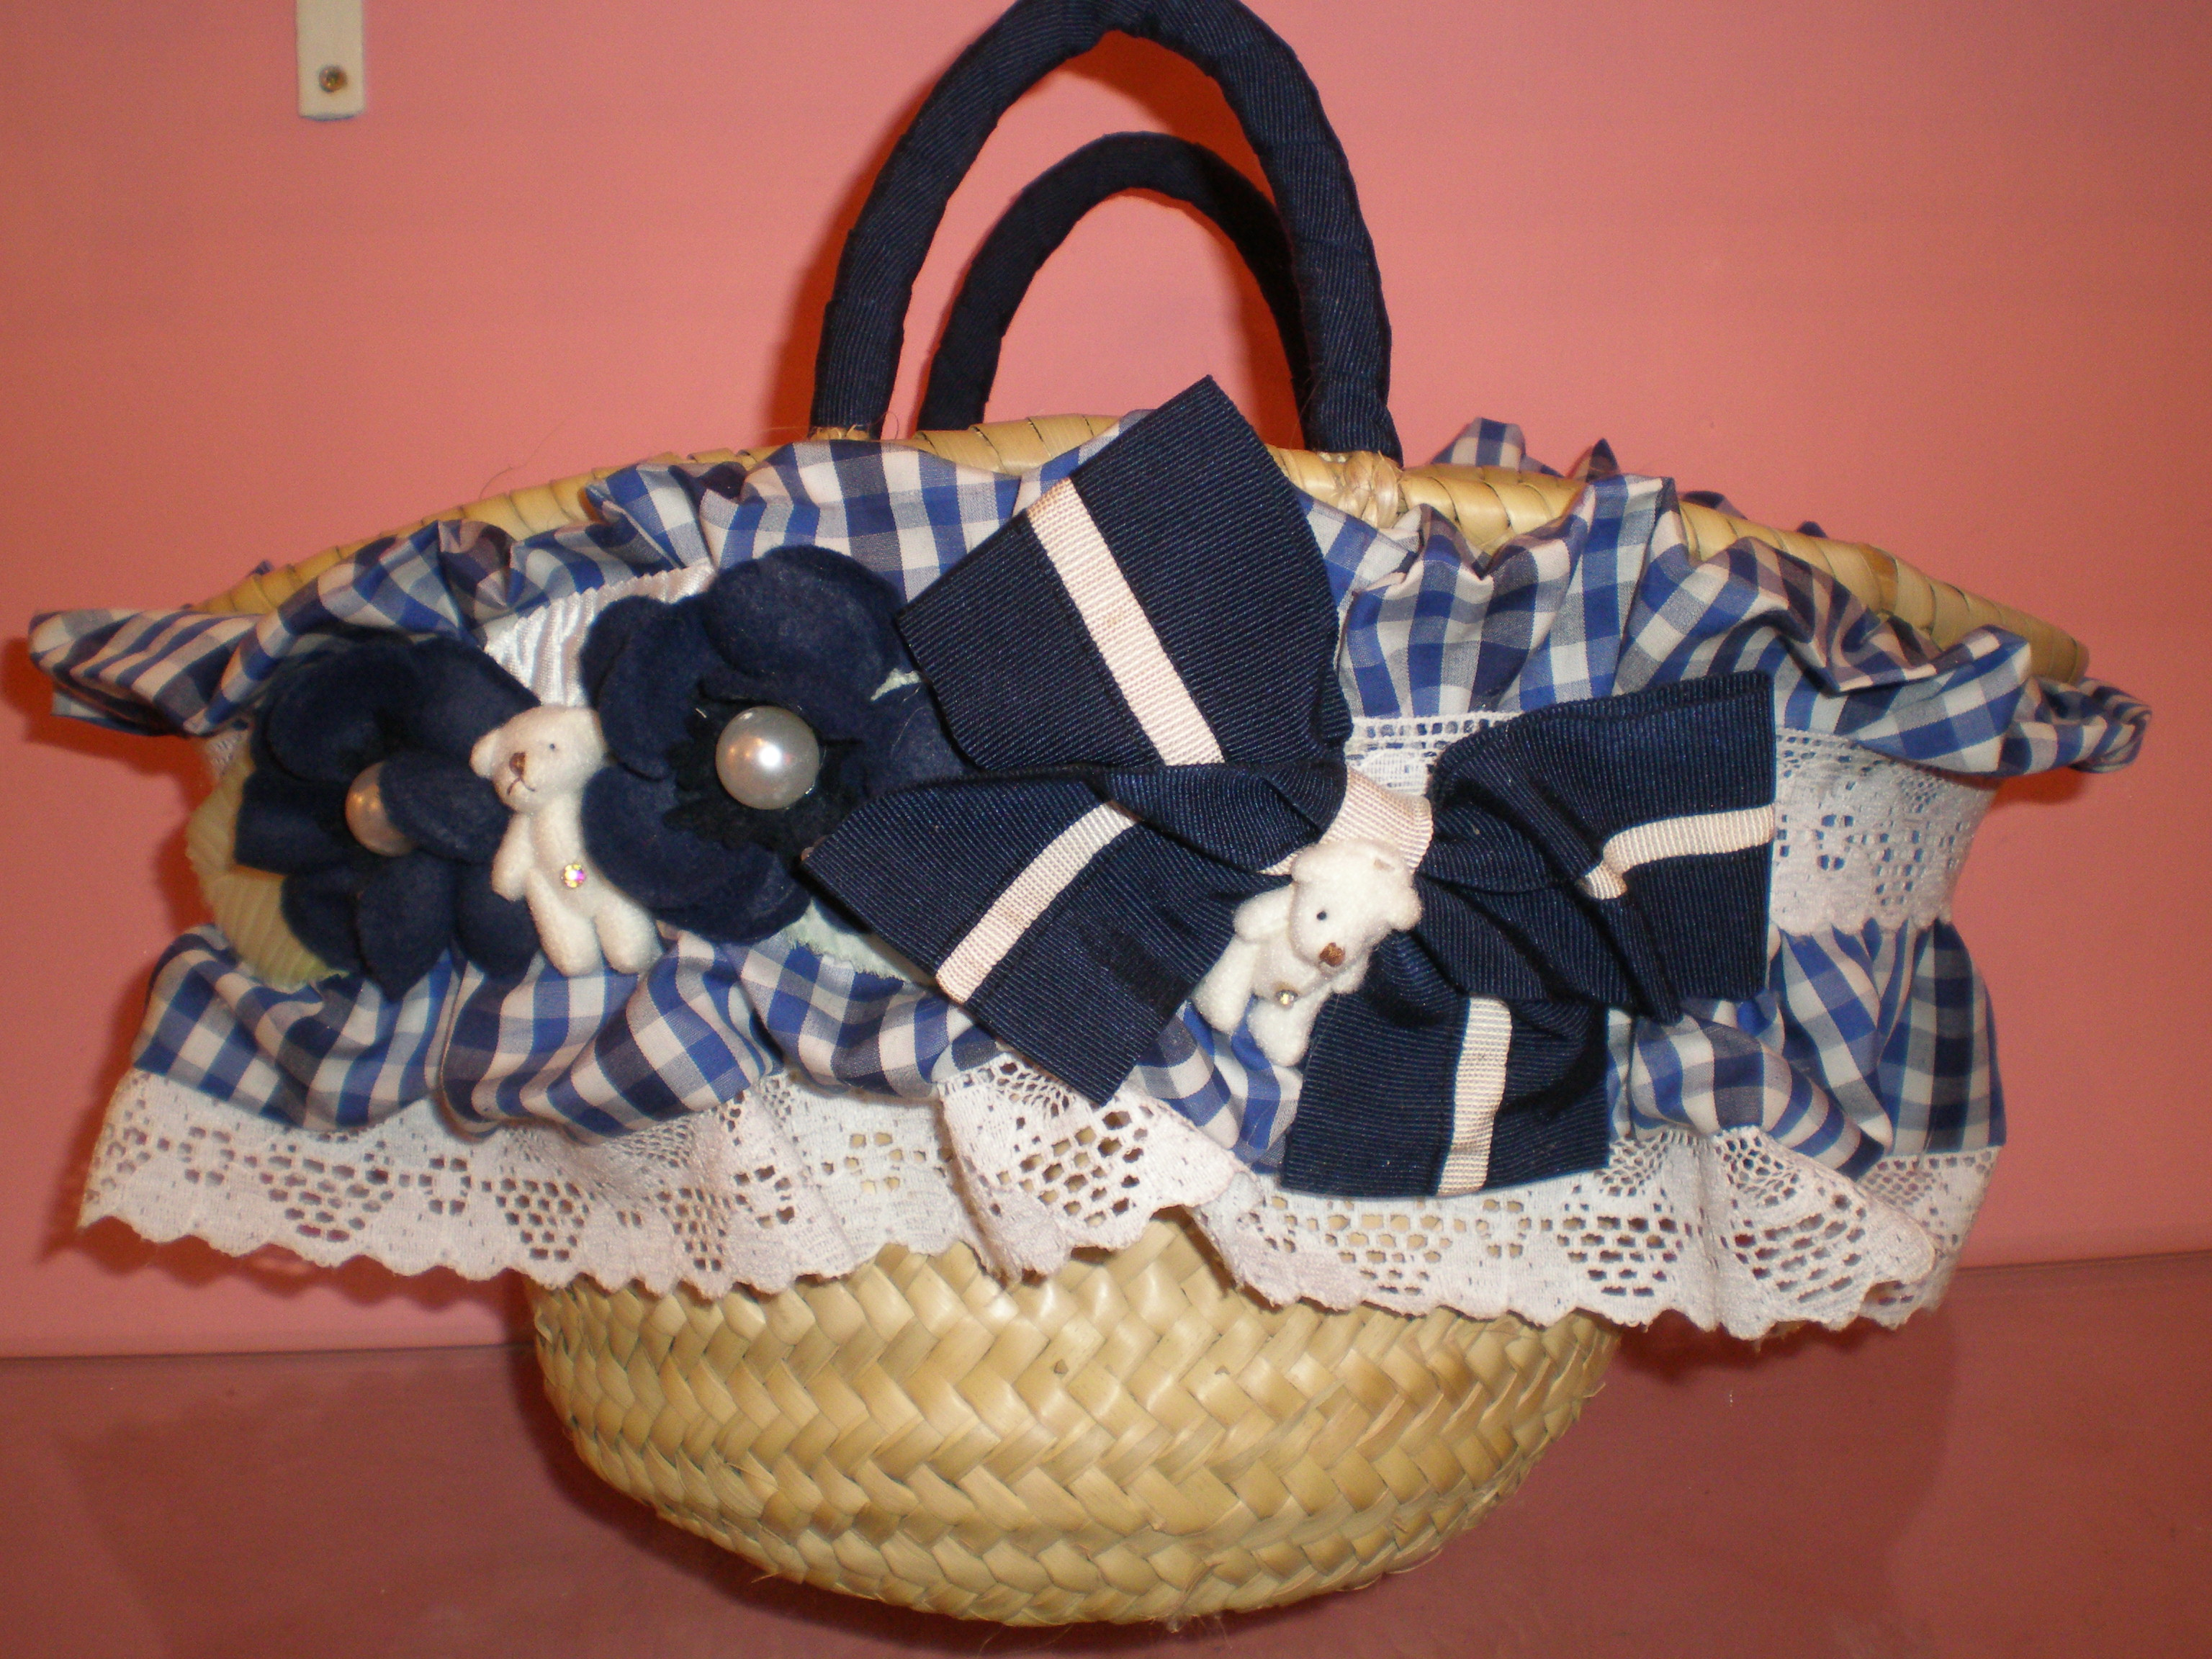 Borse Di Paglia Decorate Alluncinetto : Look estate come personalizzare una borsa di paglia